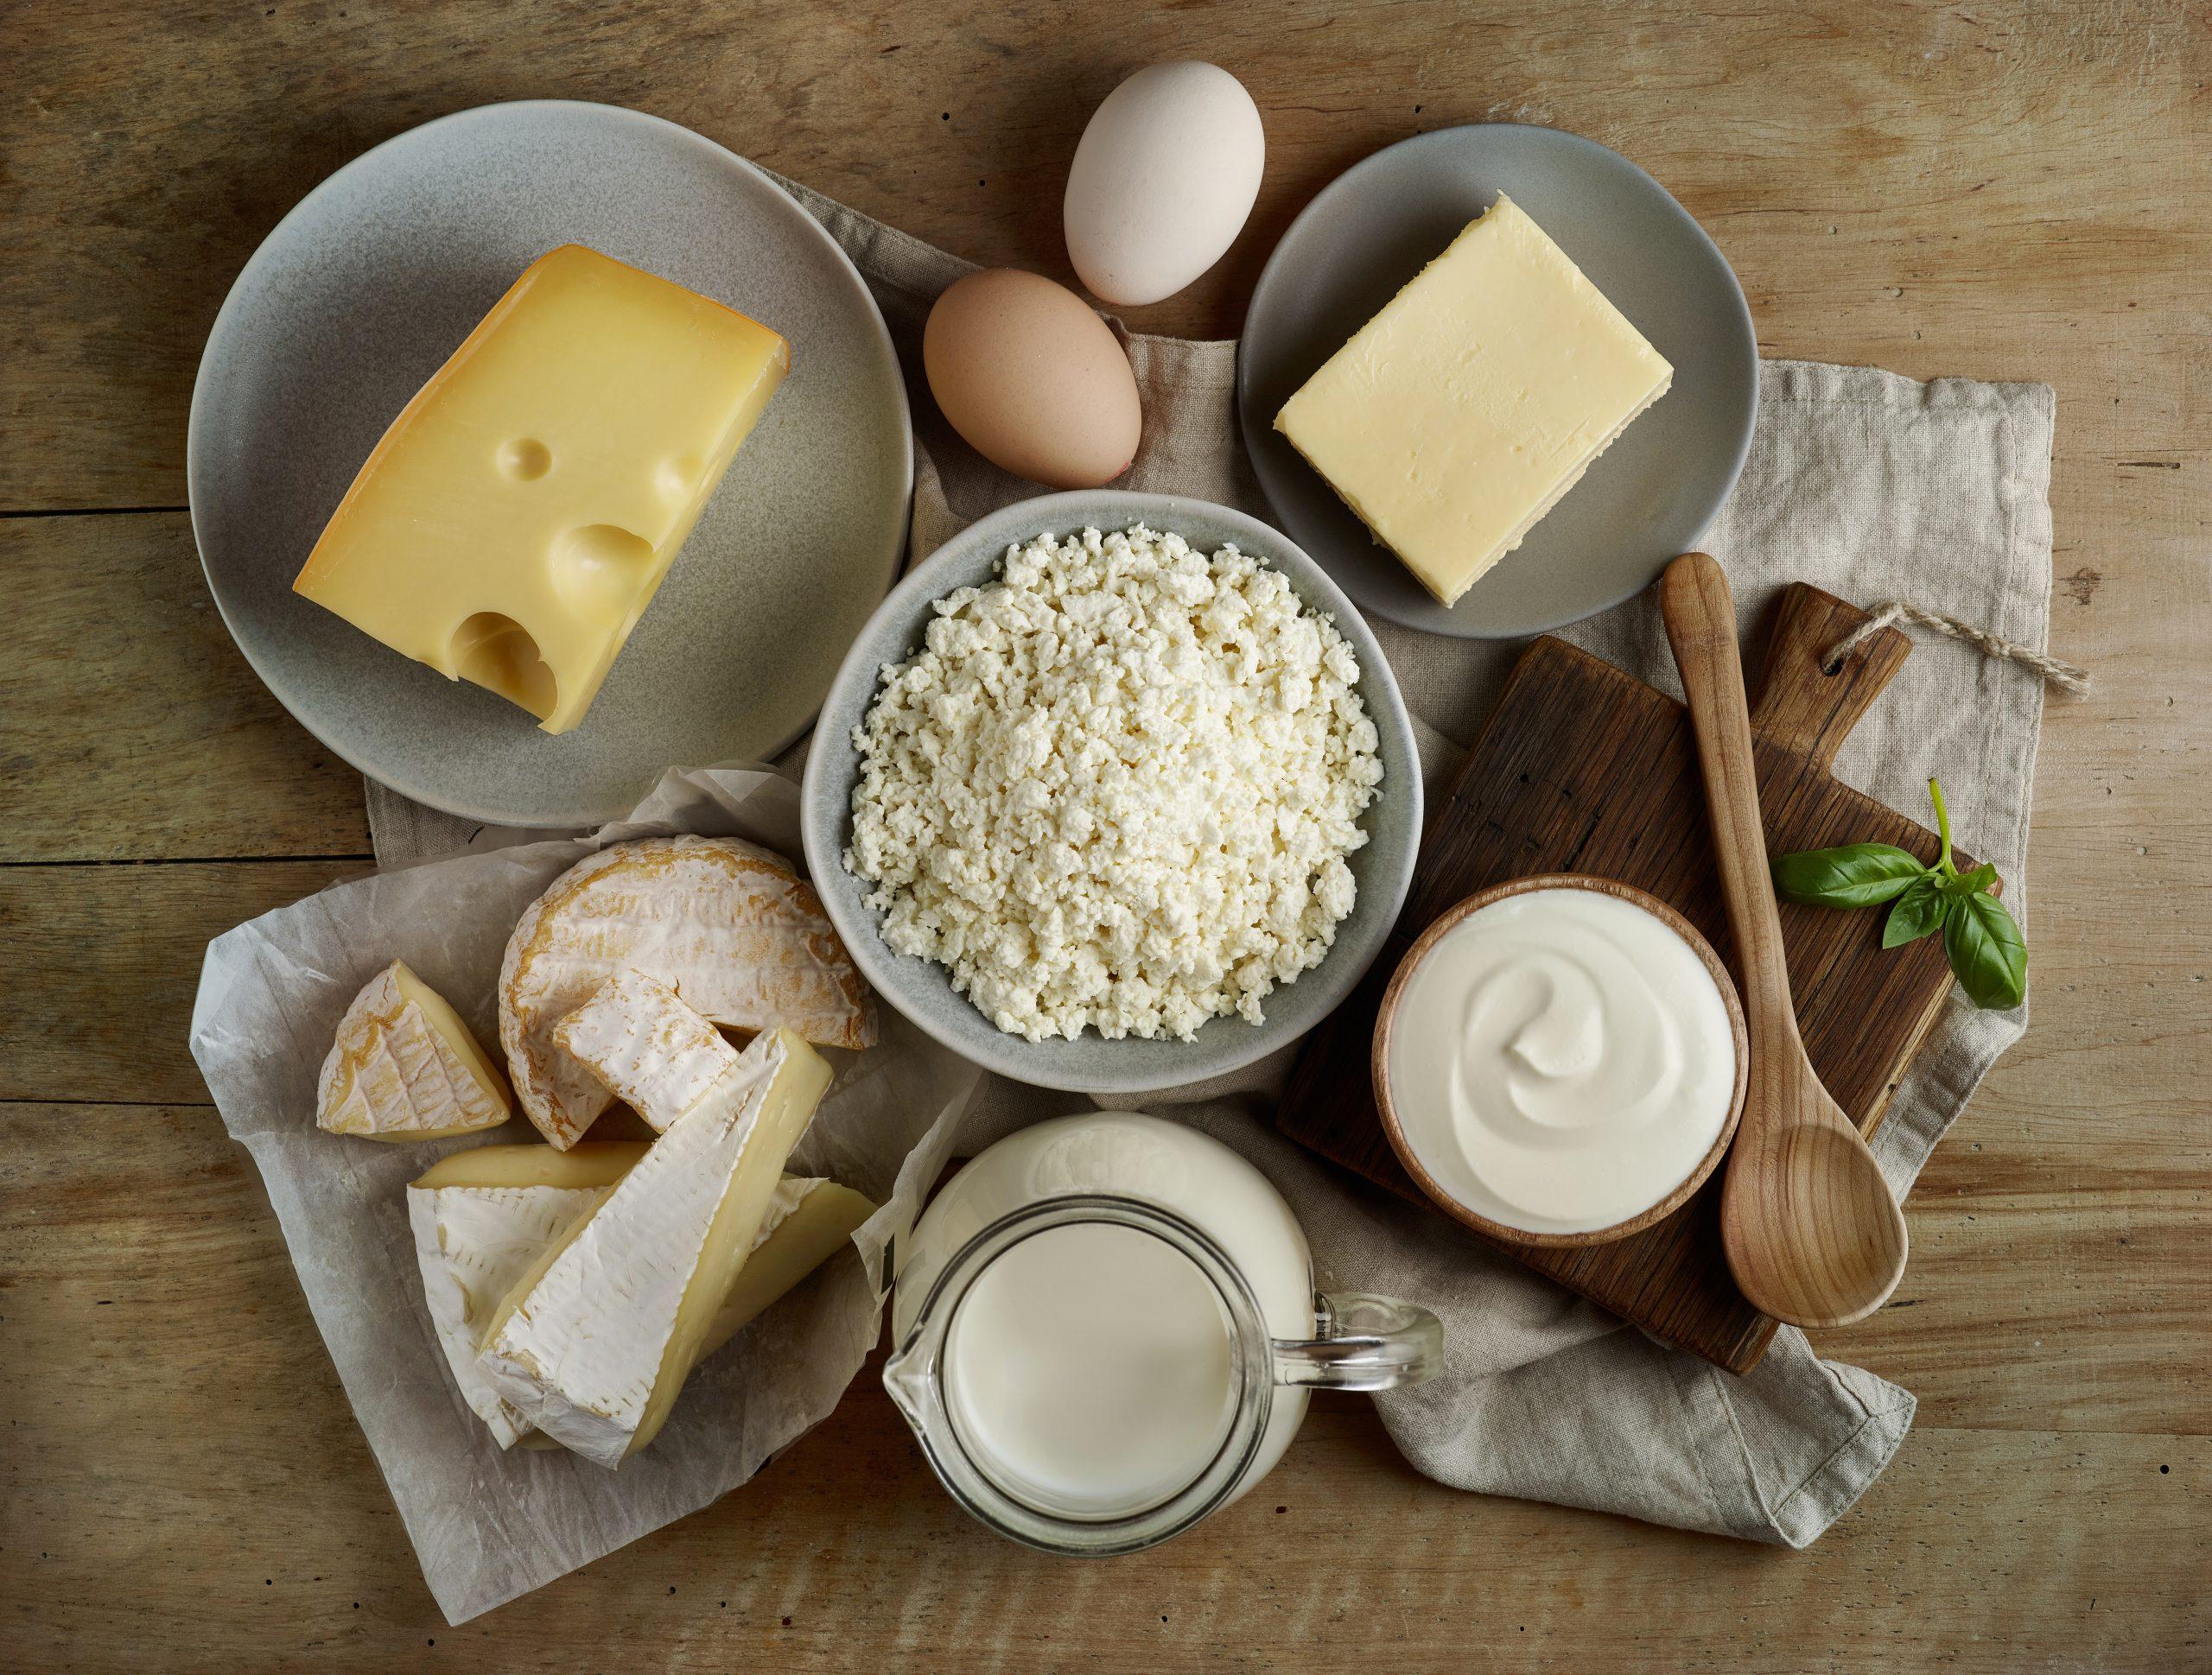 Yağlı Süt Ürünleri Kilo Almamıza sebep olur